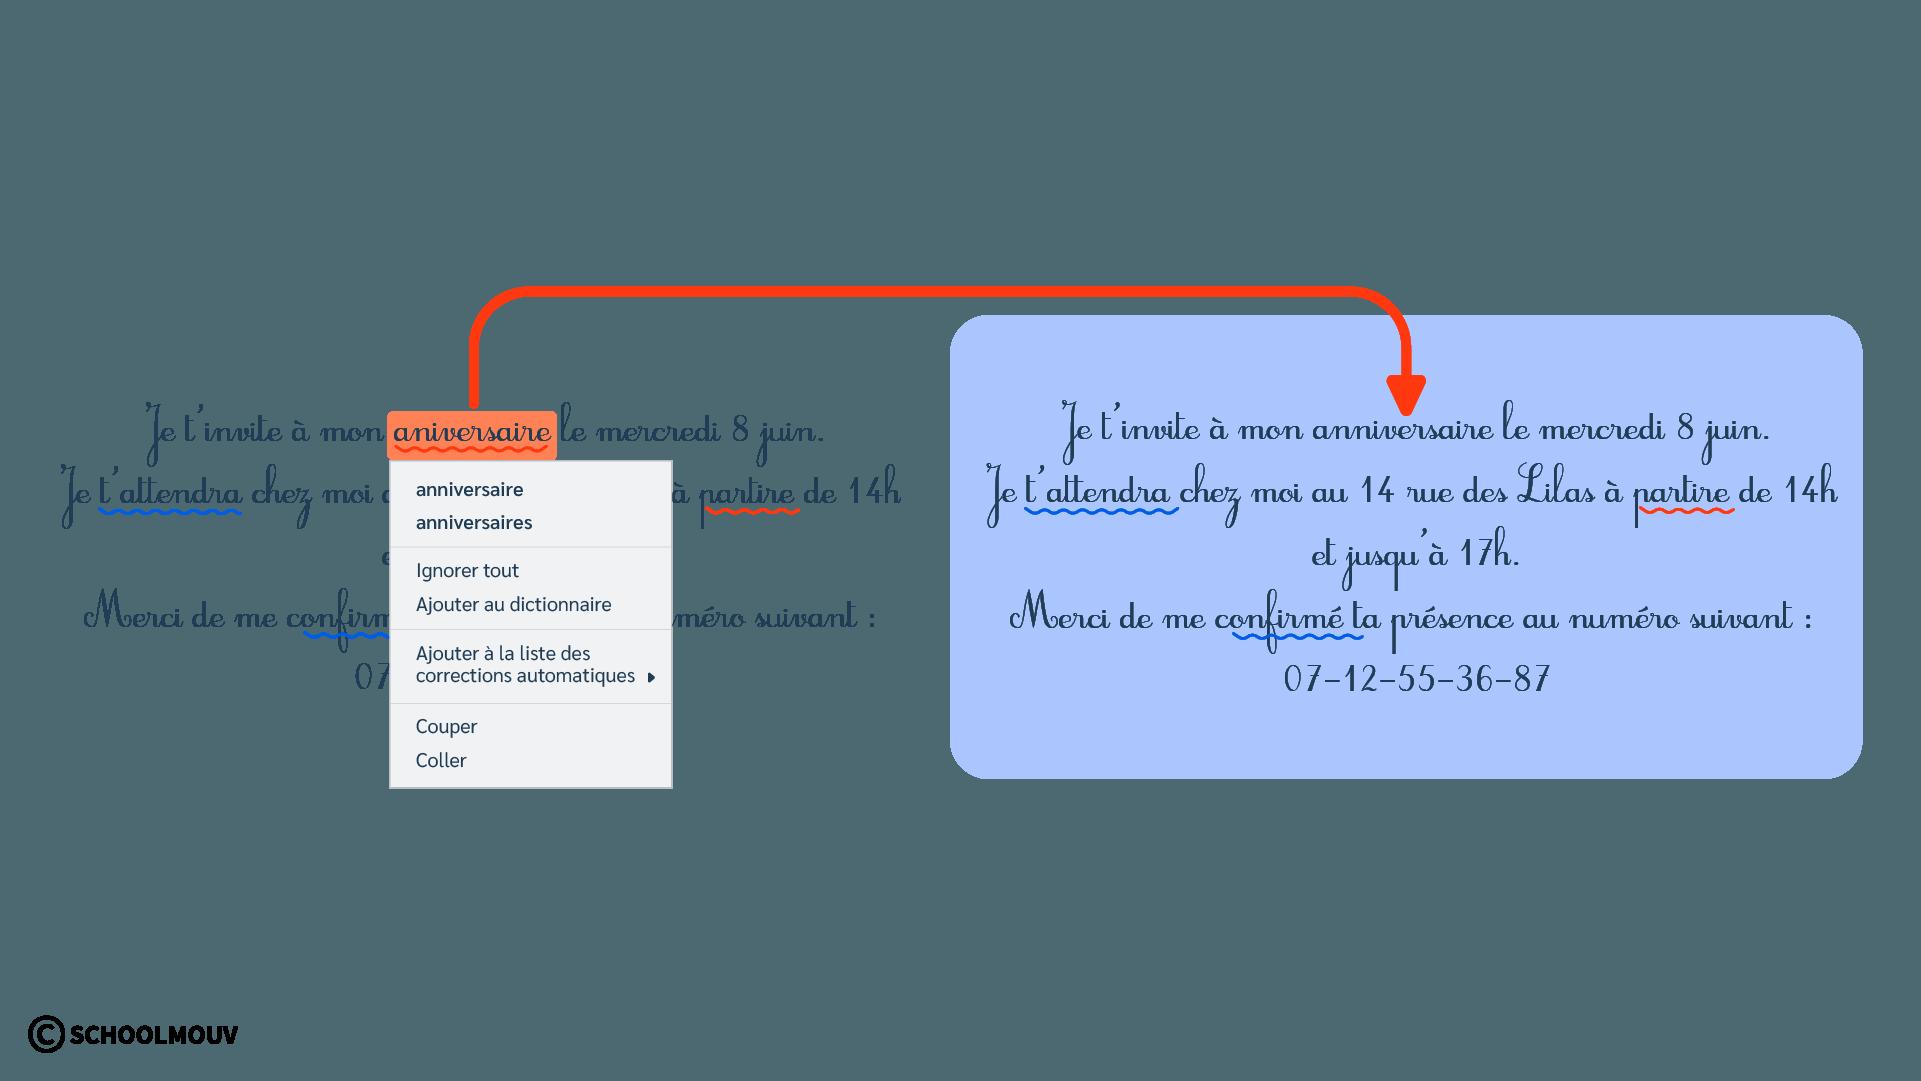 Carton d'invitation - Fautes d'orthographe - Grammaire - Correction - Typographie - SchoolMouv - Sciences - CE2